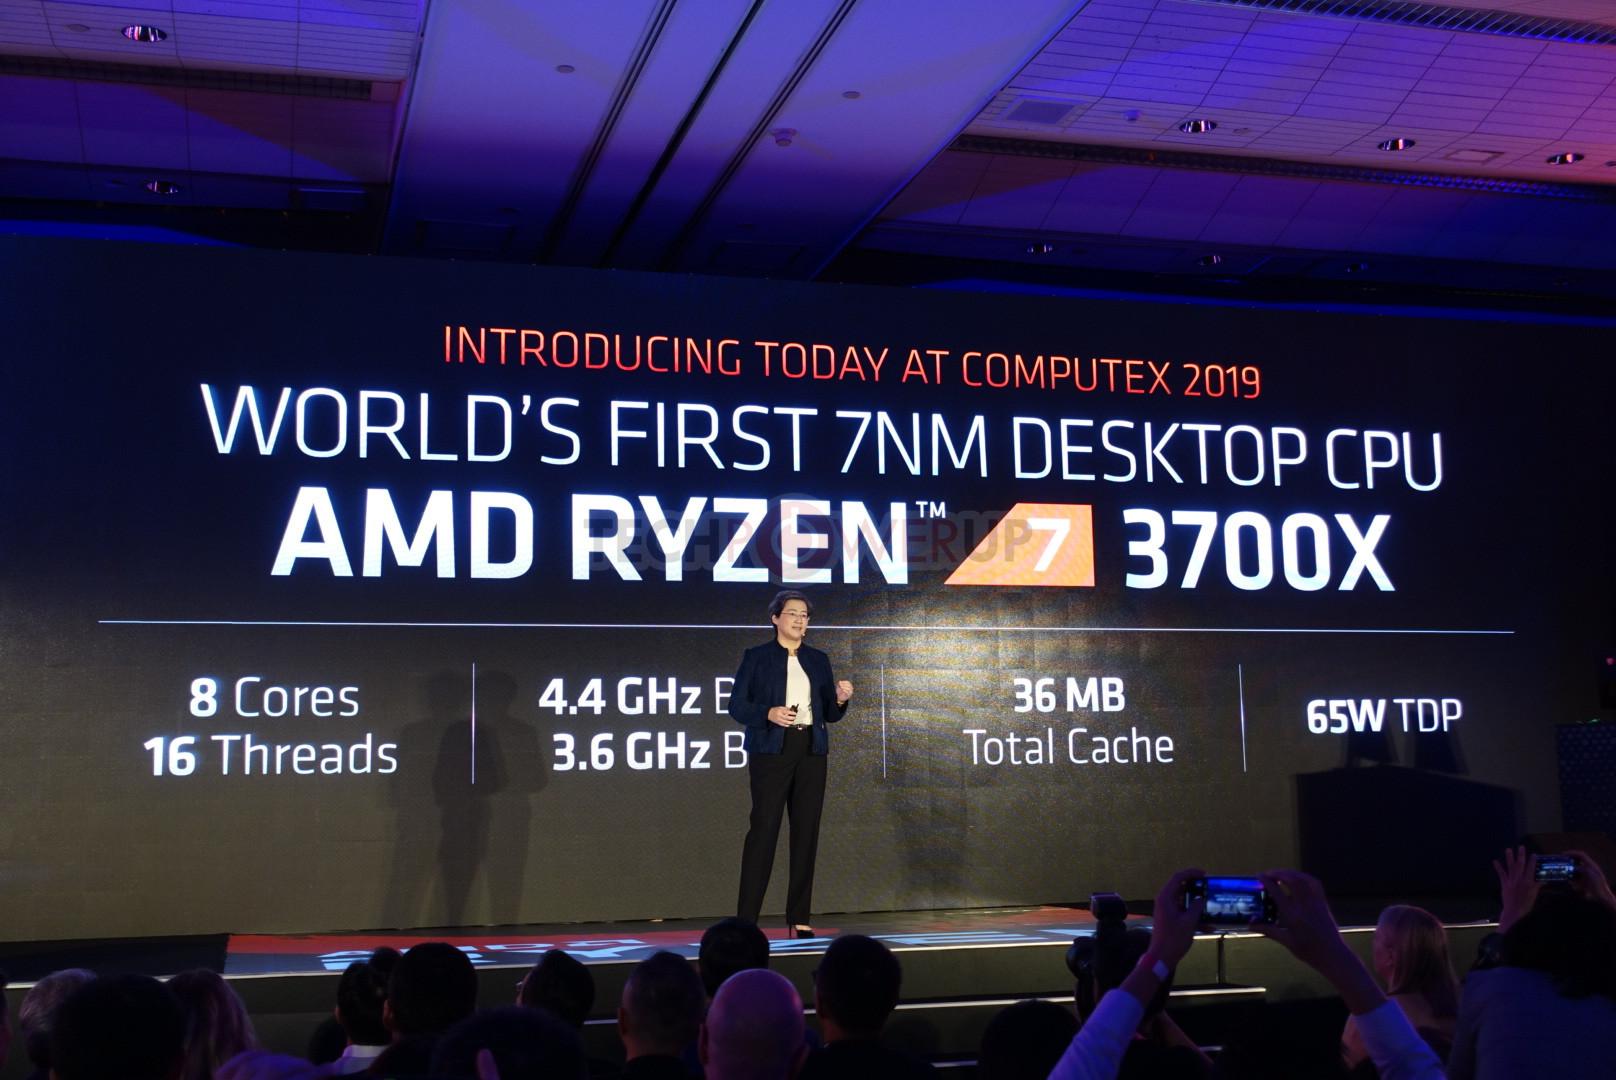 نسل سوم از پردازندههای Ryzen شرکت AMD به صورت رسمی معرفی شد